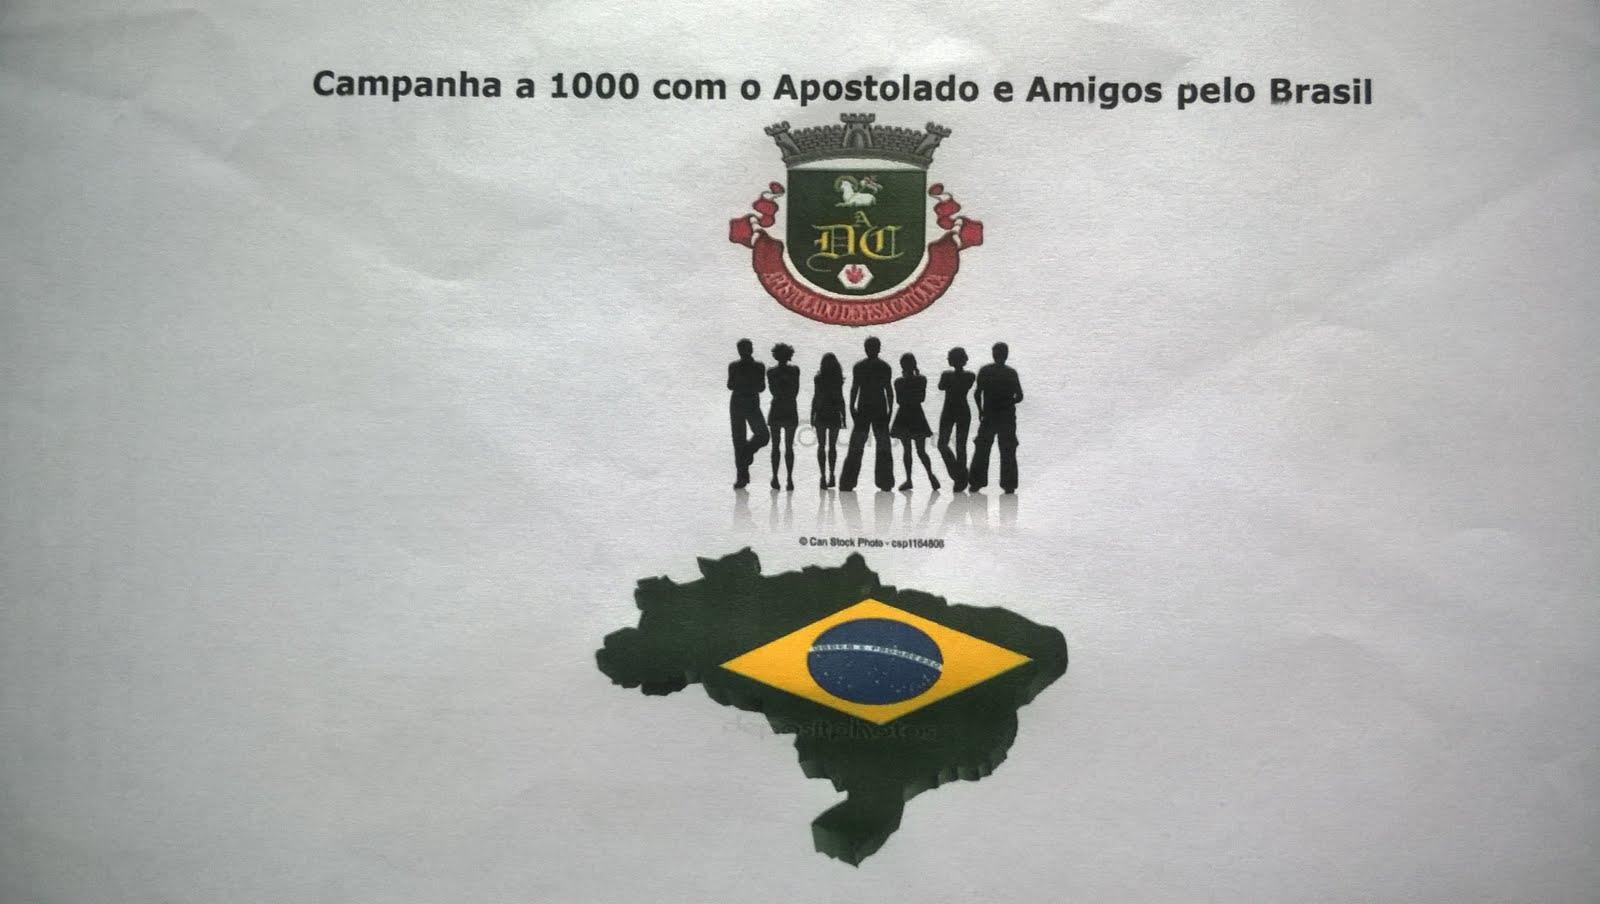 """CAMPANHA """"A 1000 COM O APOSTOLADO E AMIGOS PELO BRASIL"""" -CLIQUE NA IMAGEM PARA SABER MAIS!"""